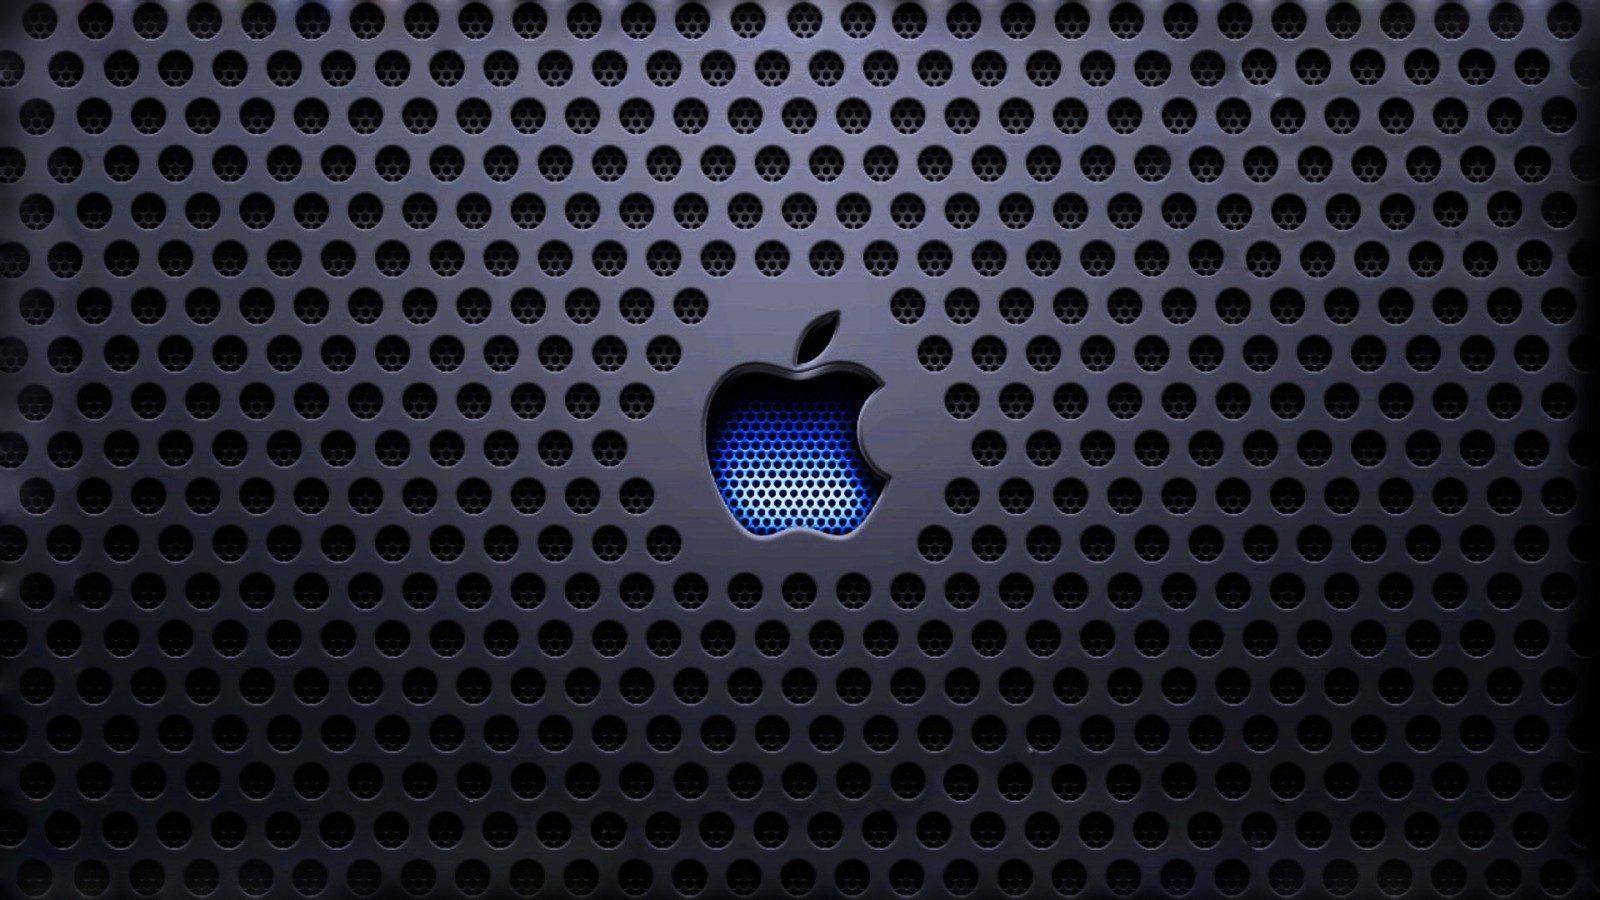 デスクトップ壁紙 黒 ロゴ パターン テクスチャ サークル アップル社 材料 設計 ライン メッシュ スクリーンショット 1600x900ピクセル コンピュータの壁紙 フォント 1600x900 Coolwallpapers 5665 デスクトップ壁紙 Wallhere